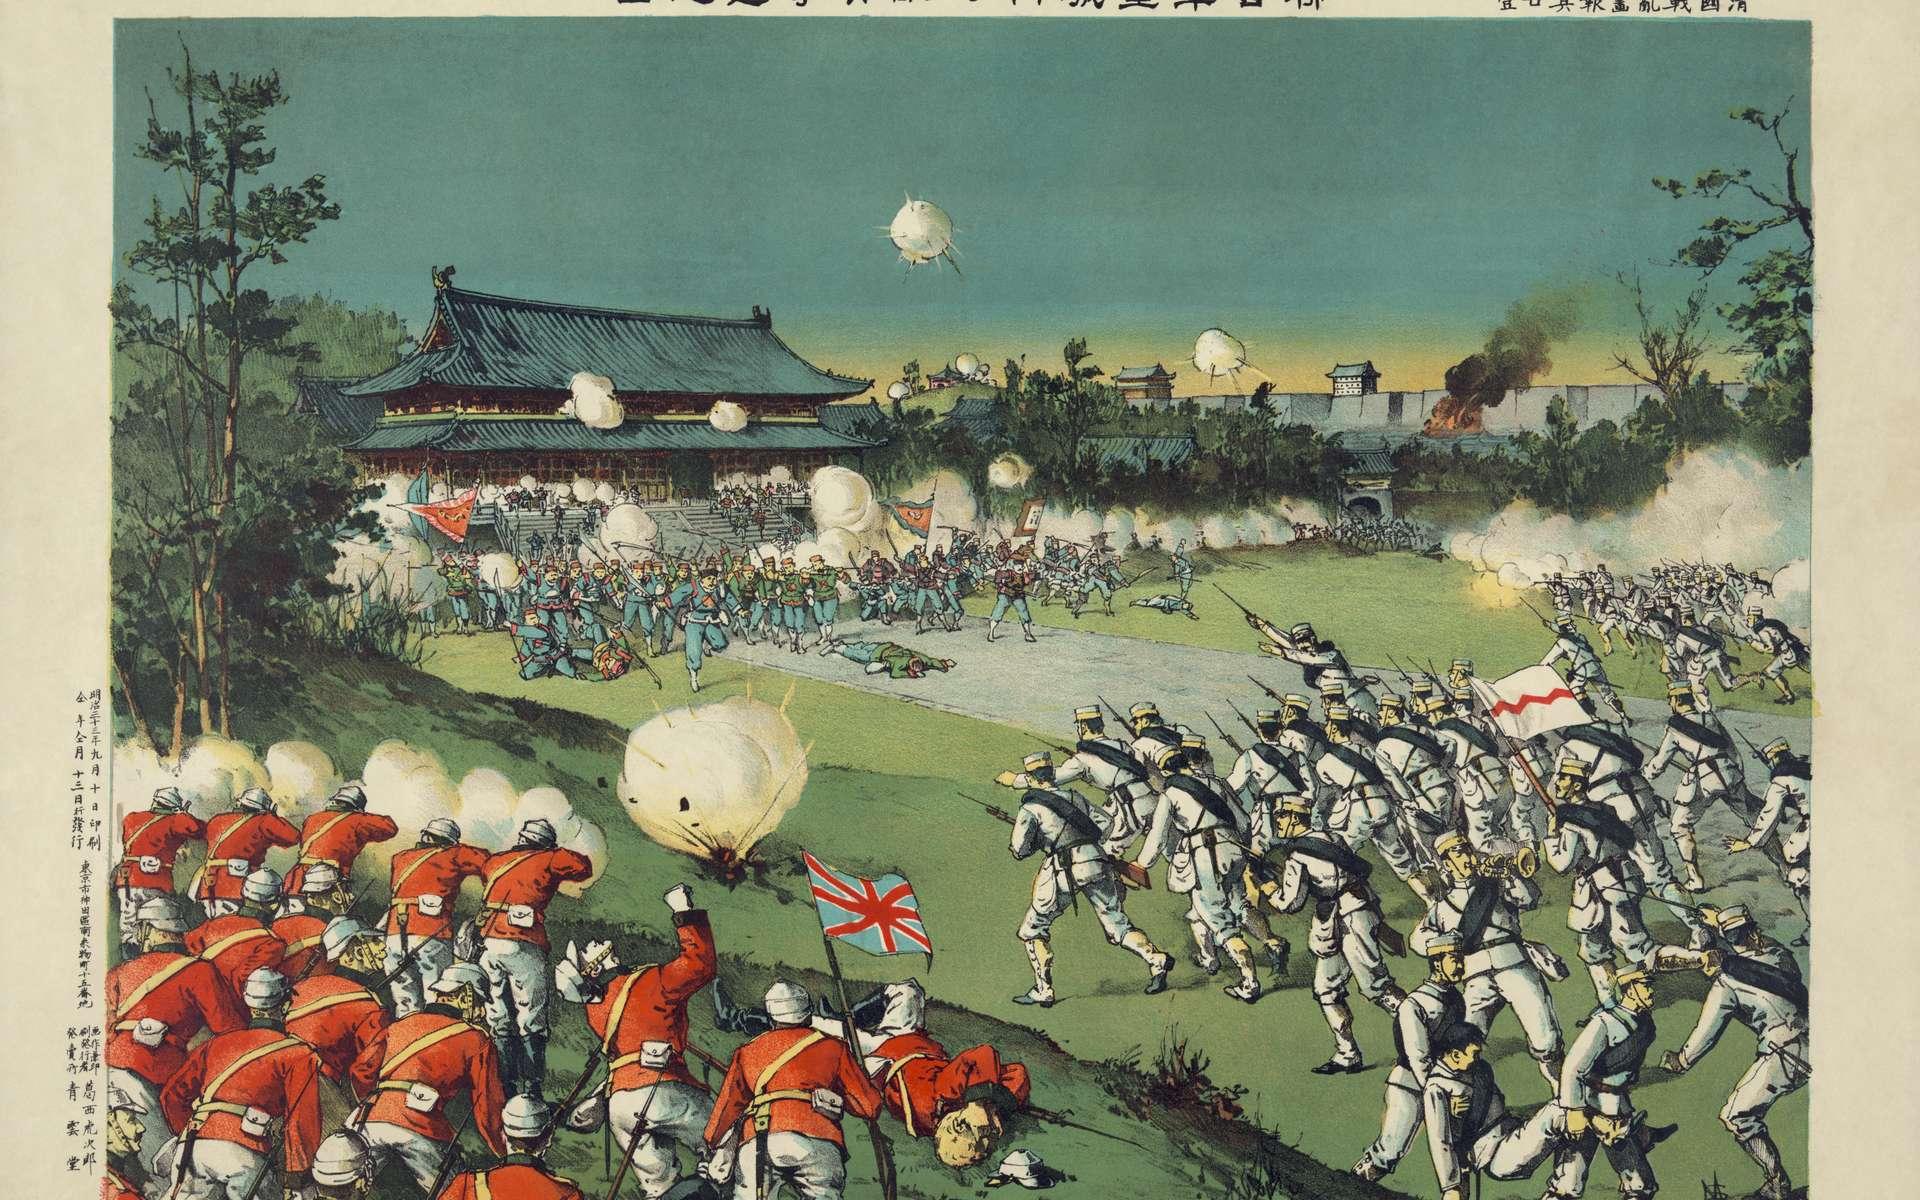 Prise du palais impérial à Pékin par les troupes occidentales © Torajirō Kasai, Wikimedia Commons, domaine public